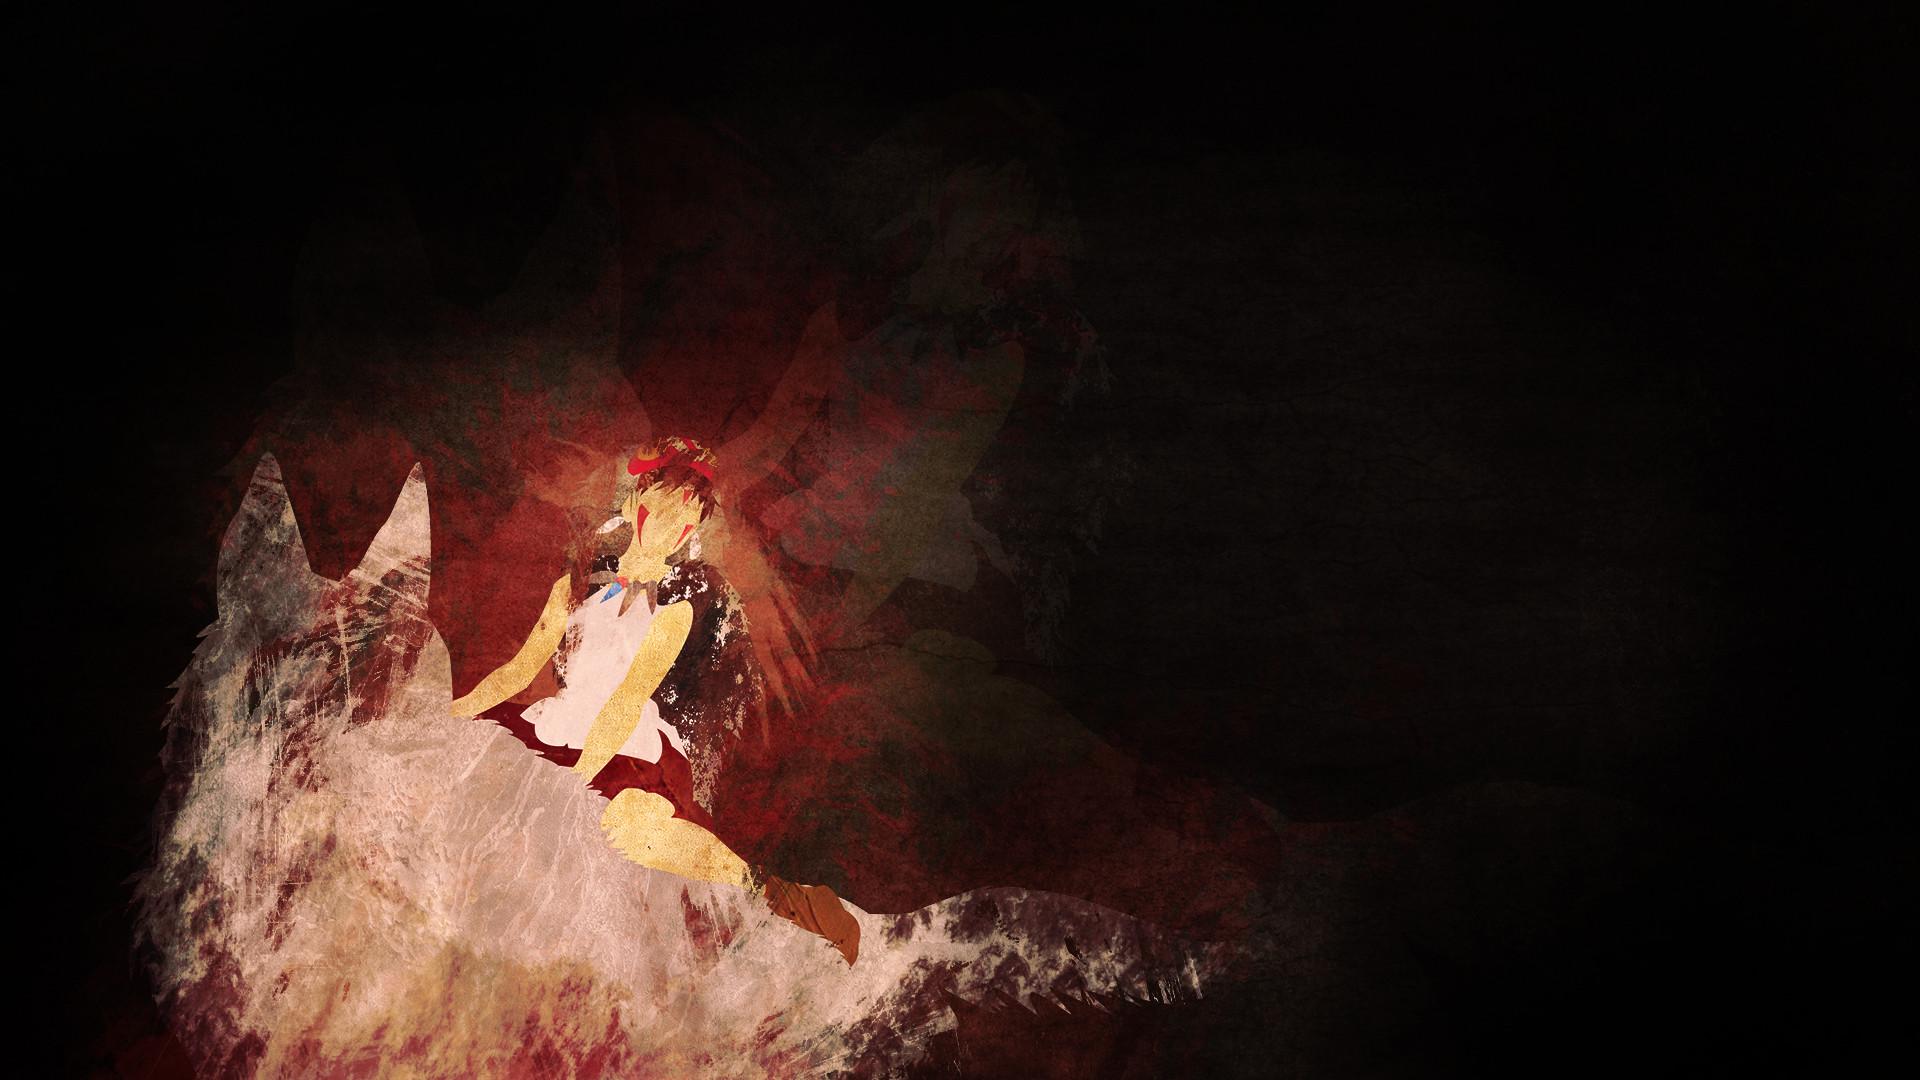 … Princess Mononoke Wallpaper by kaki-tori